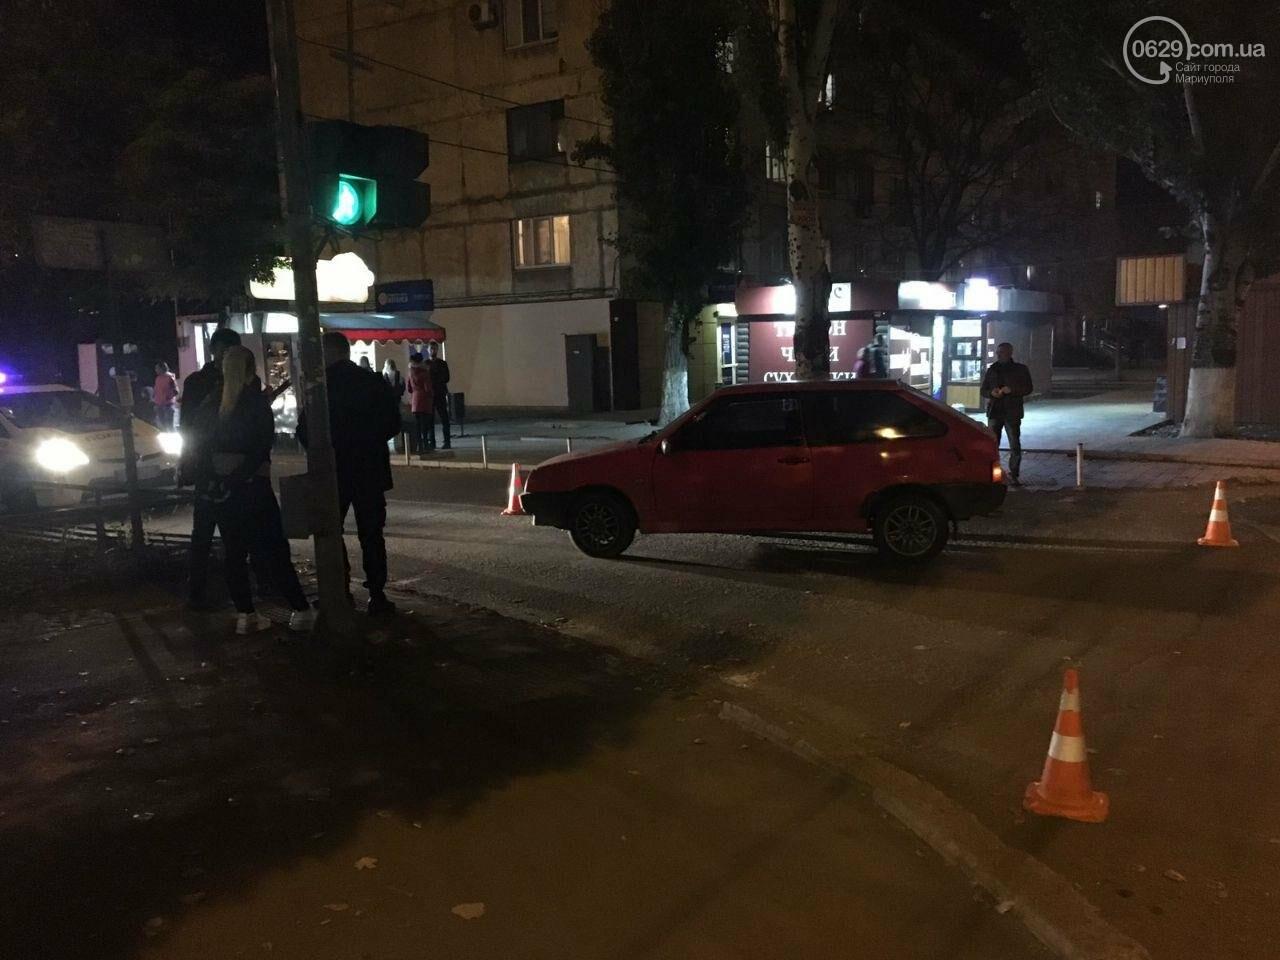 В Мариуполе на пешеходном переходе сбили женщину, - ФОТО, фото-3